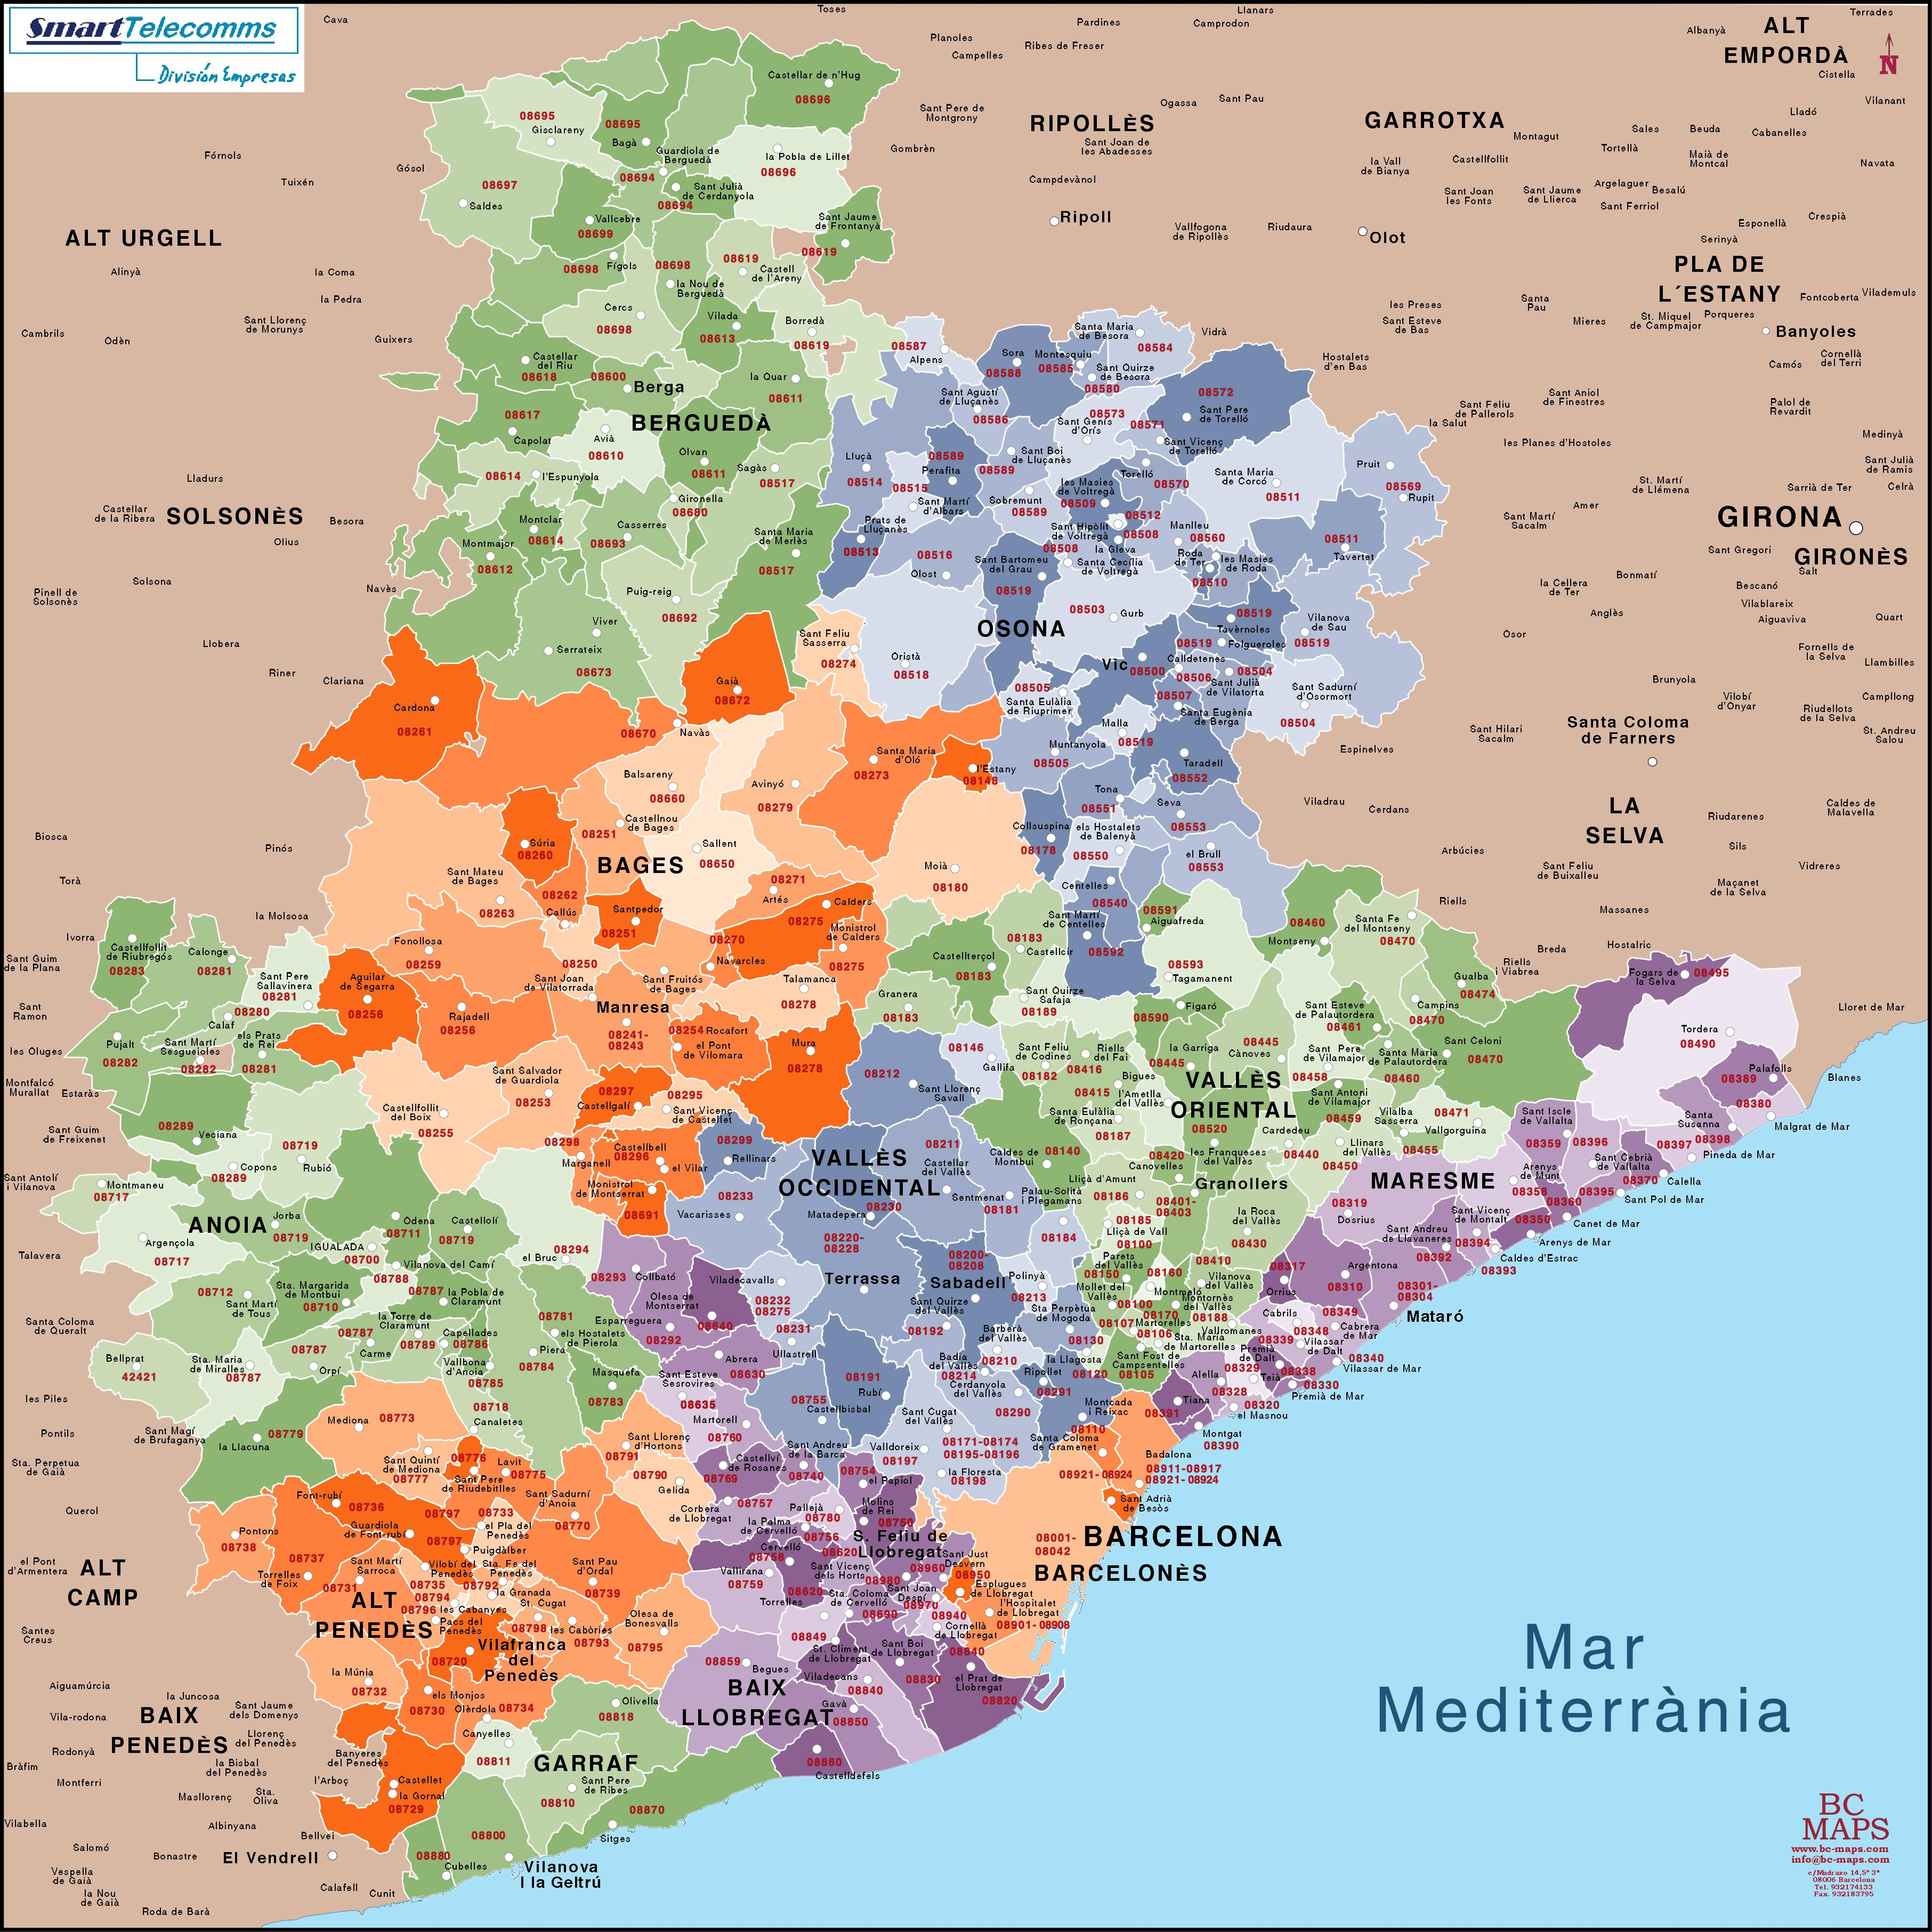 Hilo geogrfico del da Pon el mapa de comarcas de tu